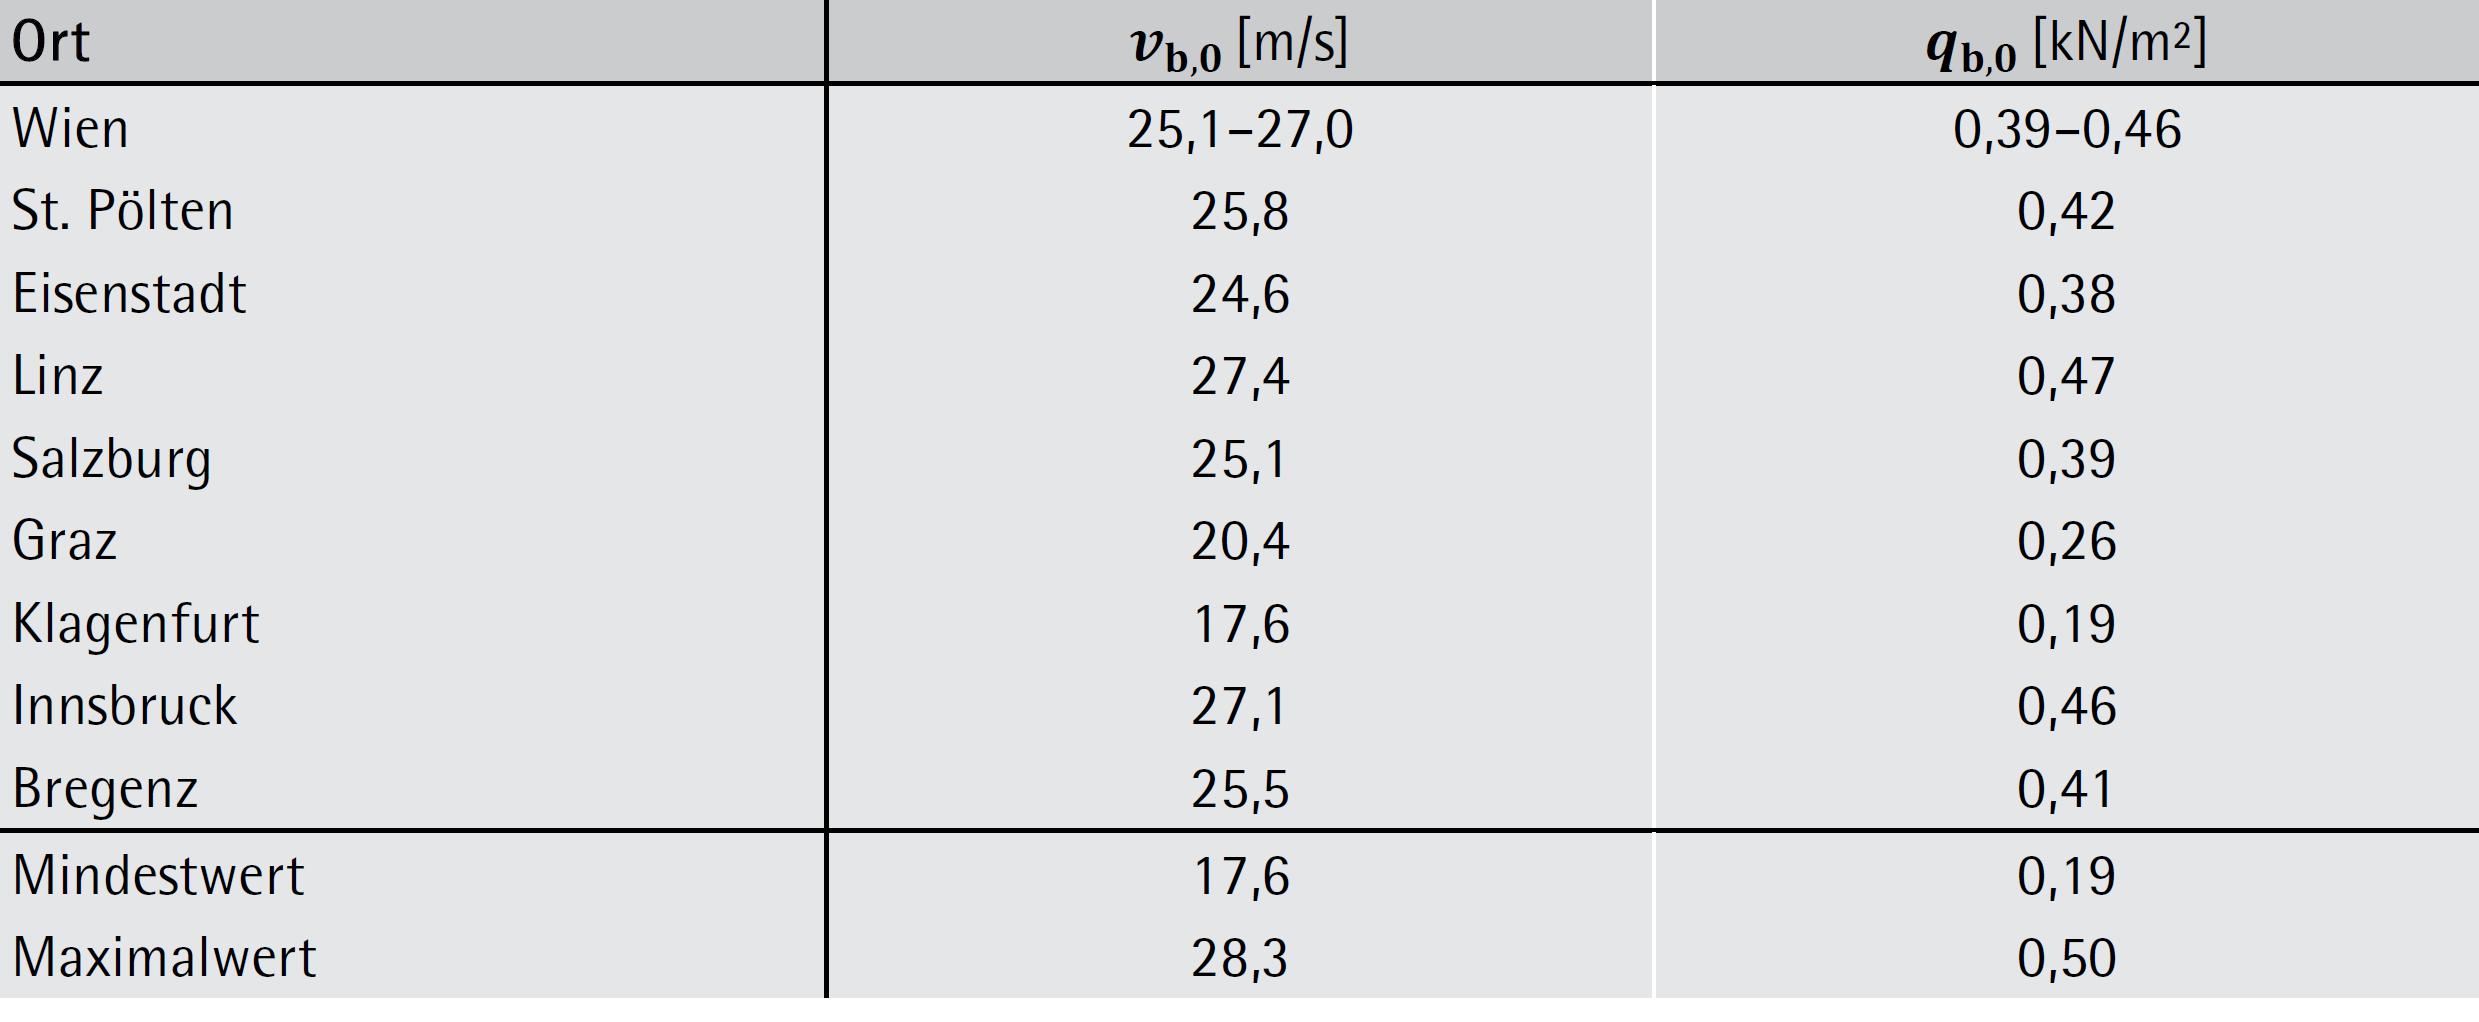 Grundwerte Windgeschwindigkeit österreichischer Landeshauptstädte – ÖNORM B 1991-1-4